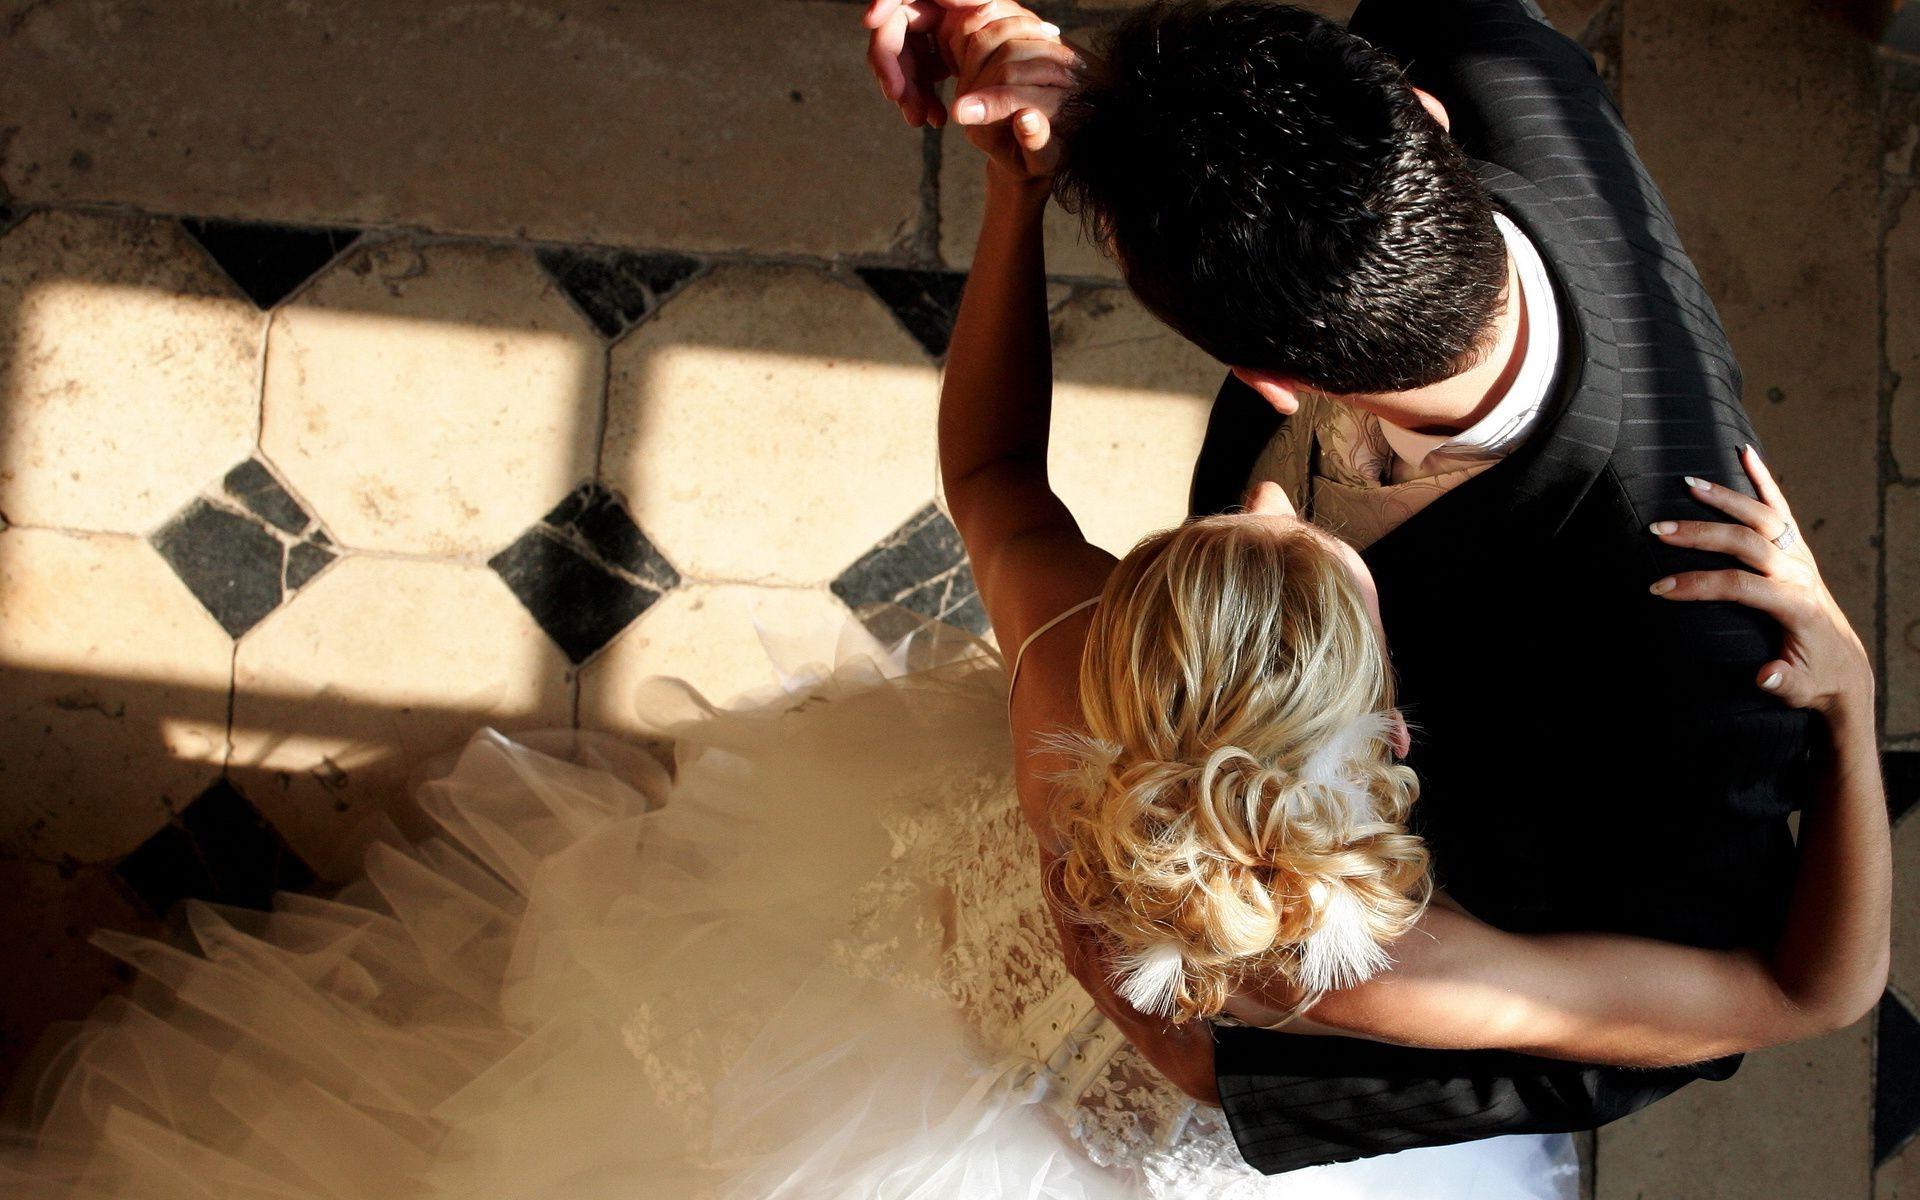 Сексуальные мелодии для танца 1 фотография